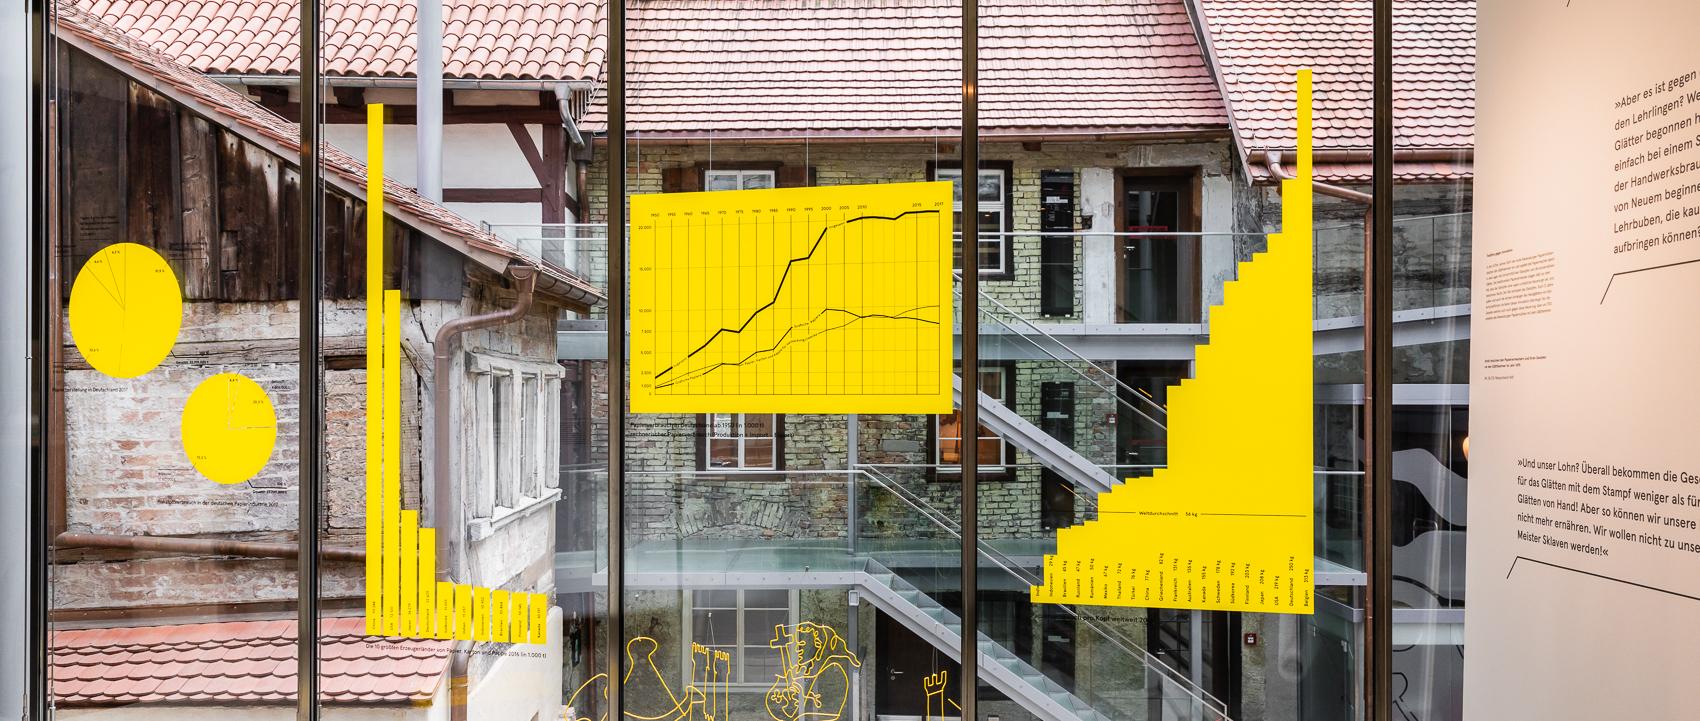 Oschatz Vm Startseite Unterseite Projekte Slider Bild 3